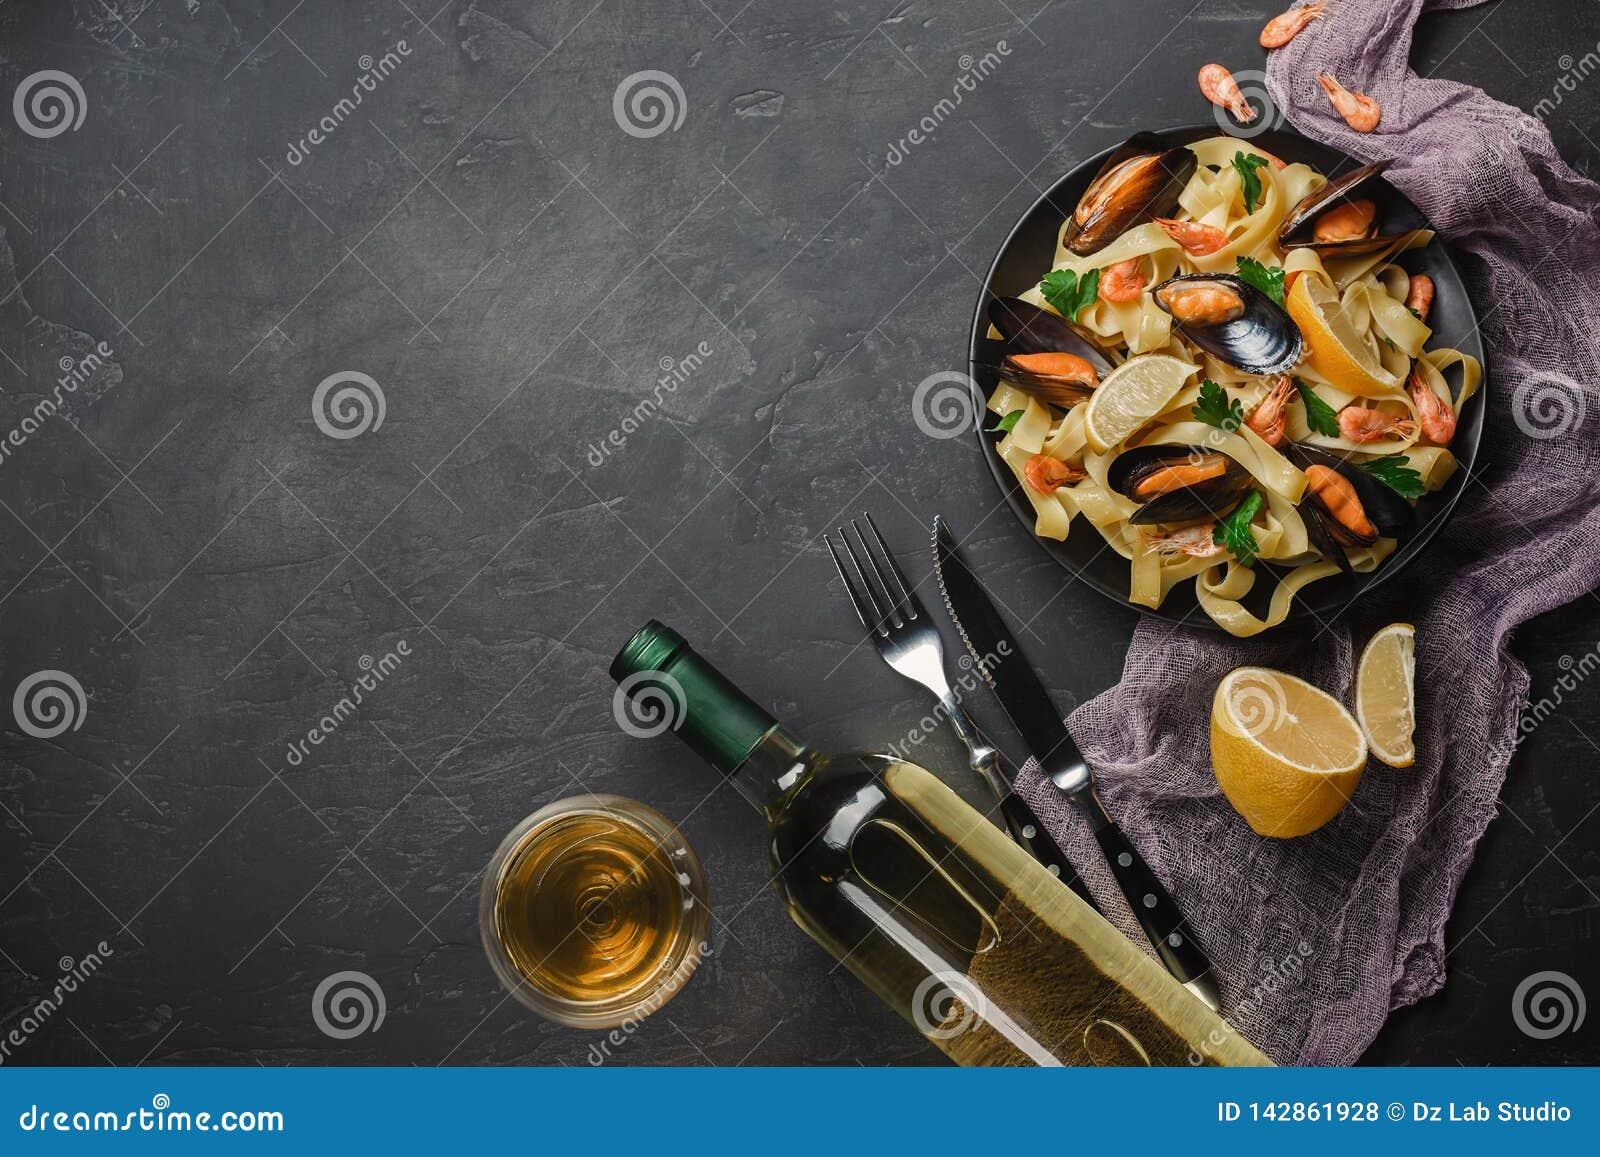 意粉vongole、意大利海鲜面团与蛤蜊和淡菜,在板材用草本和杯白酒在土气石头